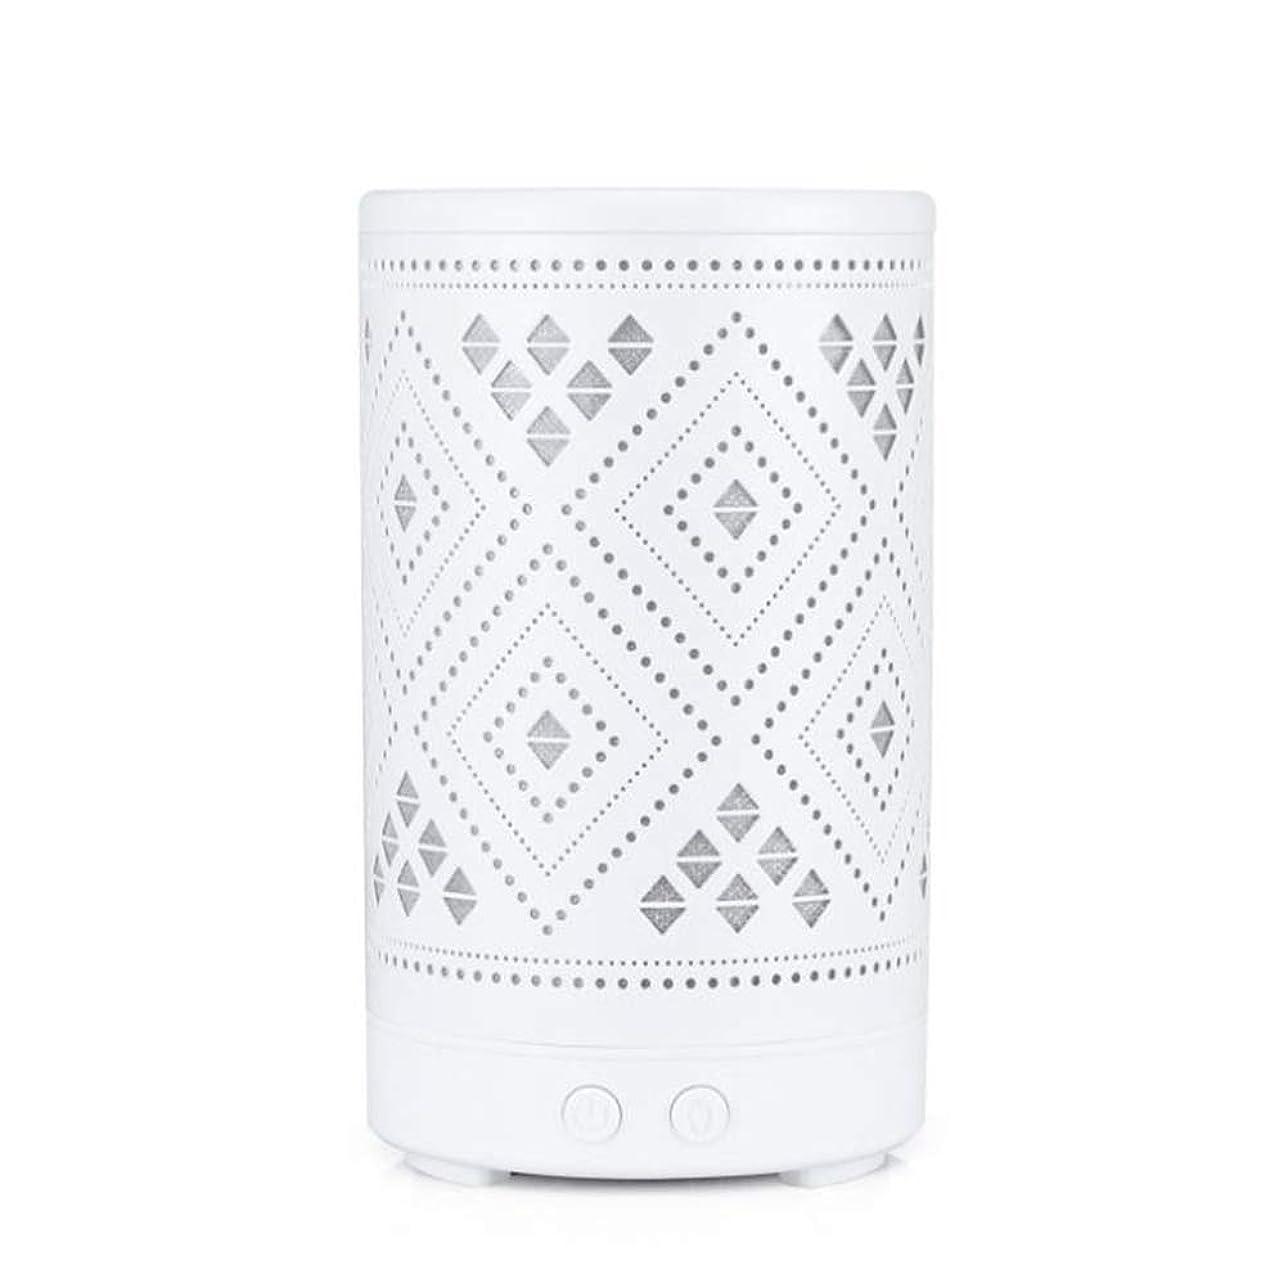 ストリームジレンマ髄クラシック ミニ 中空 加湿器,涼しい霧 7 色 デスクトップ 加湿機 精油 ディフューザー アロマネブライザー Yoga ベッド 寮- 100ml